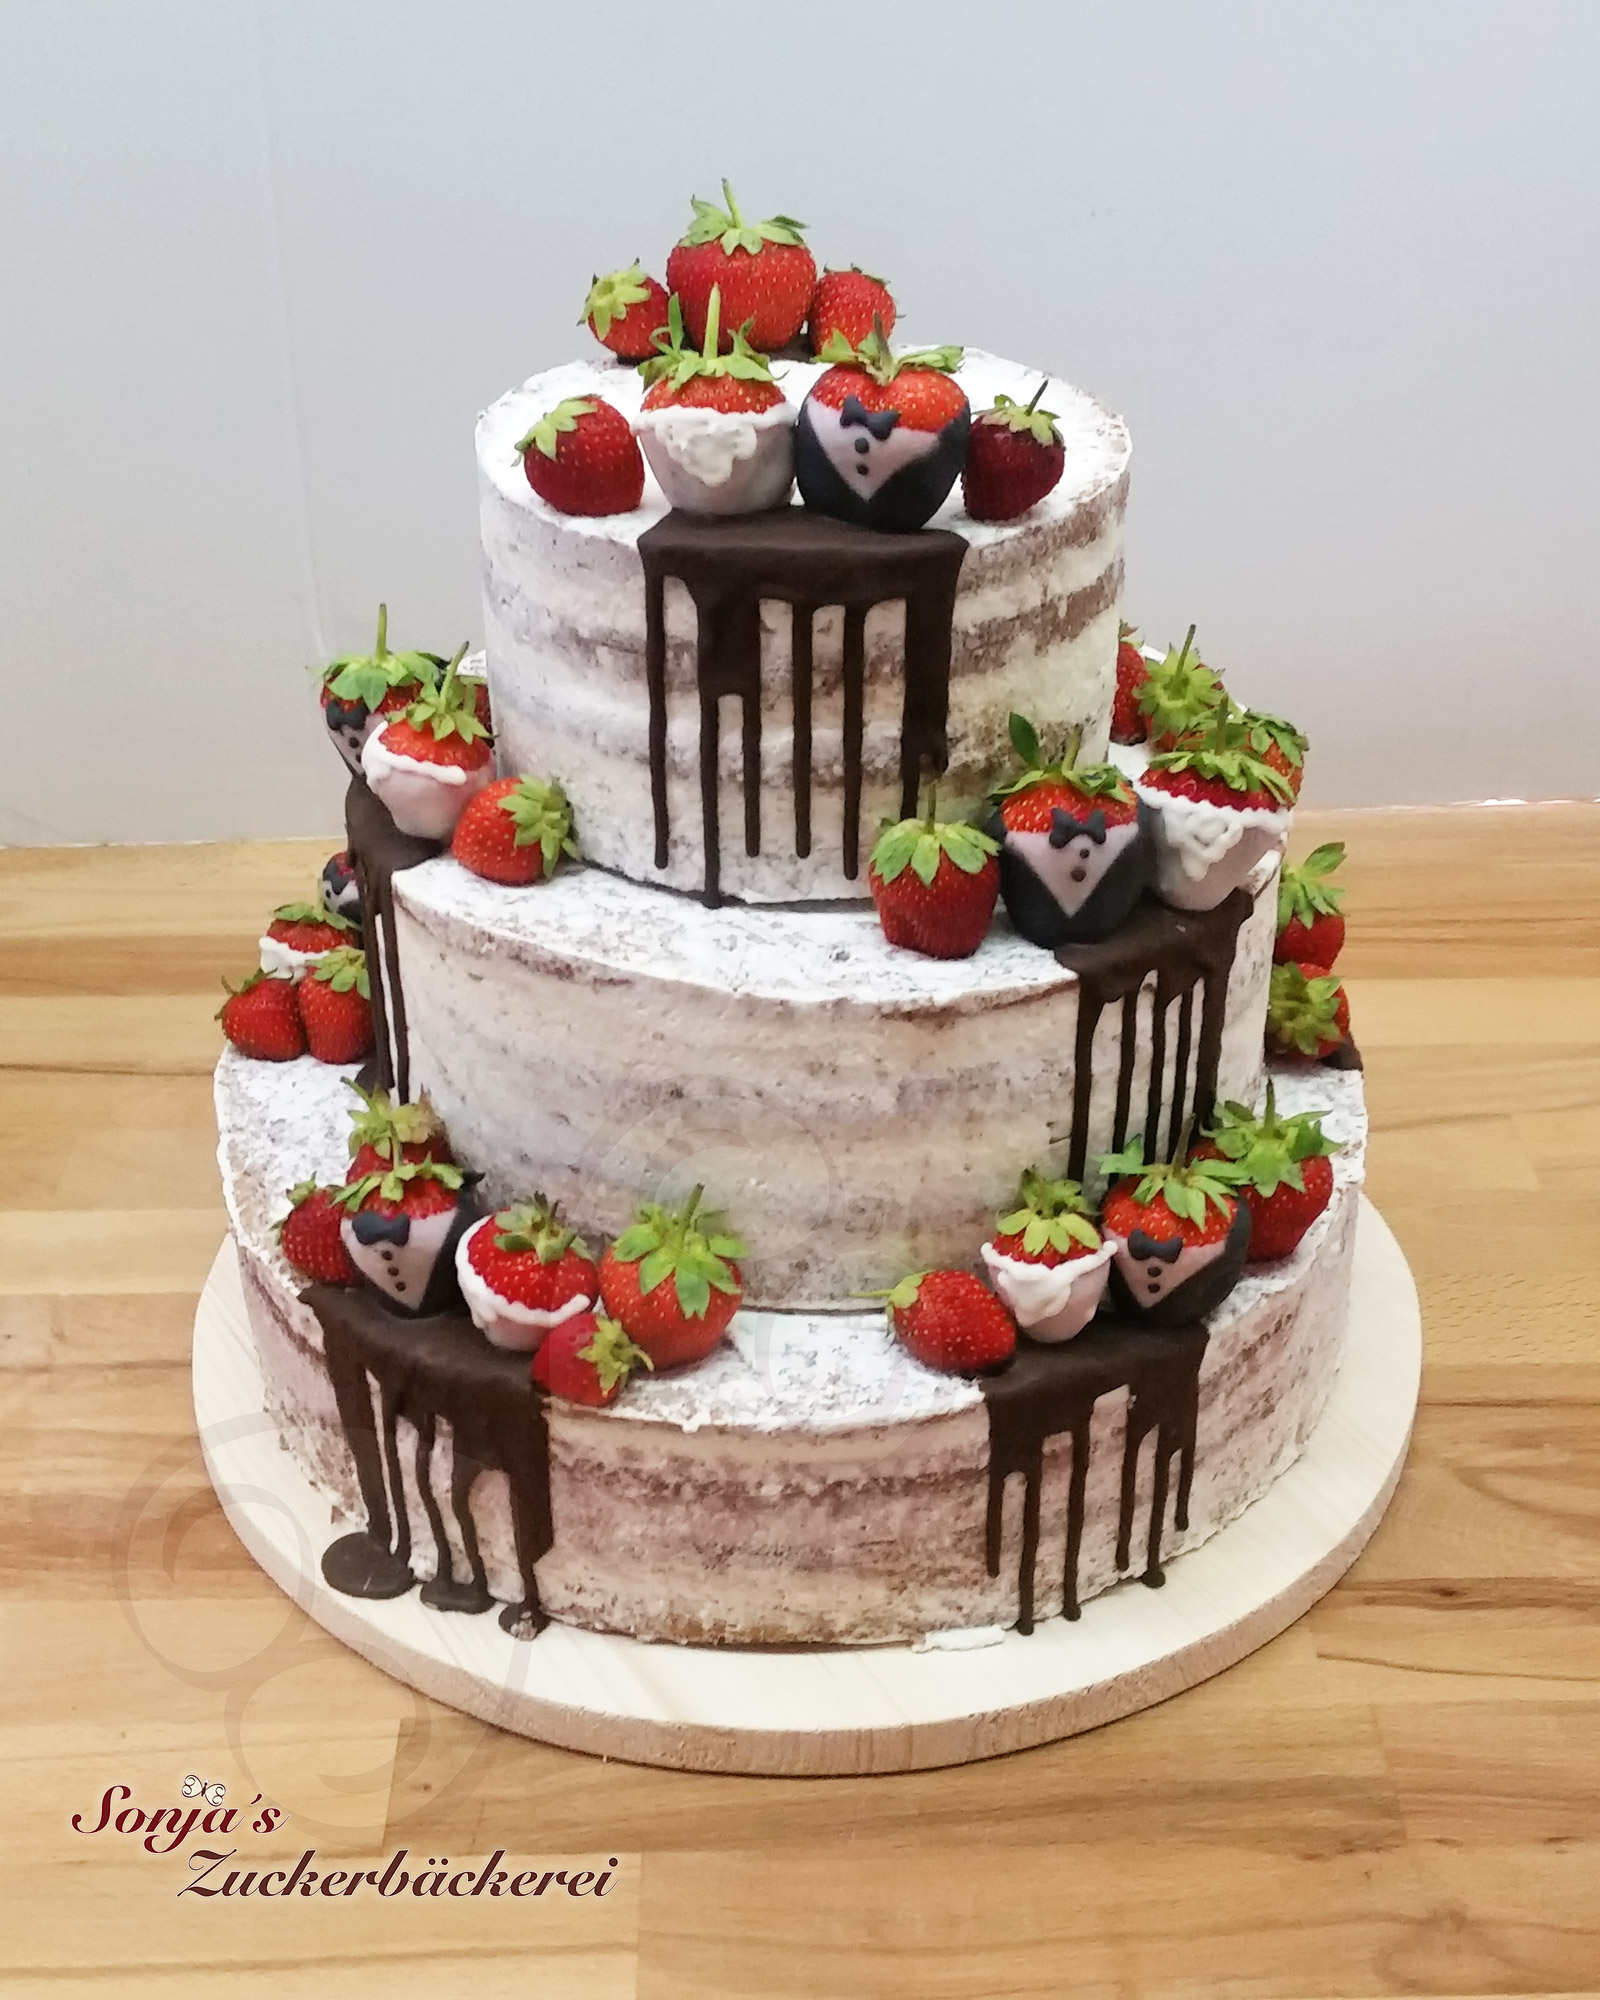 Hochzeitstorte Semi Naked Cake Mit Erdbeeren Sonja S Zuckerbackerei